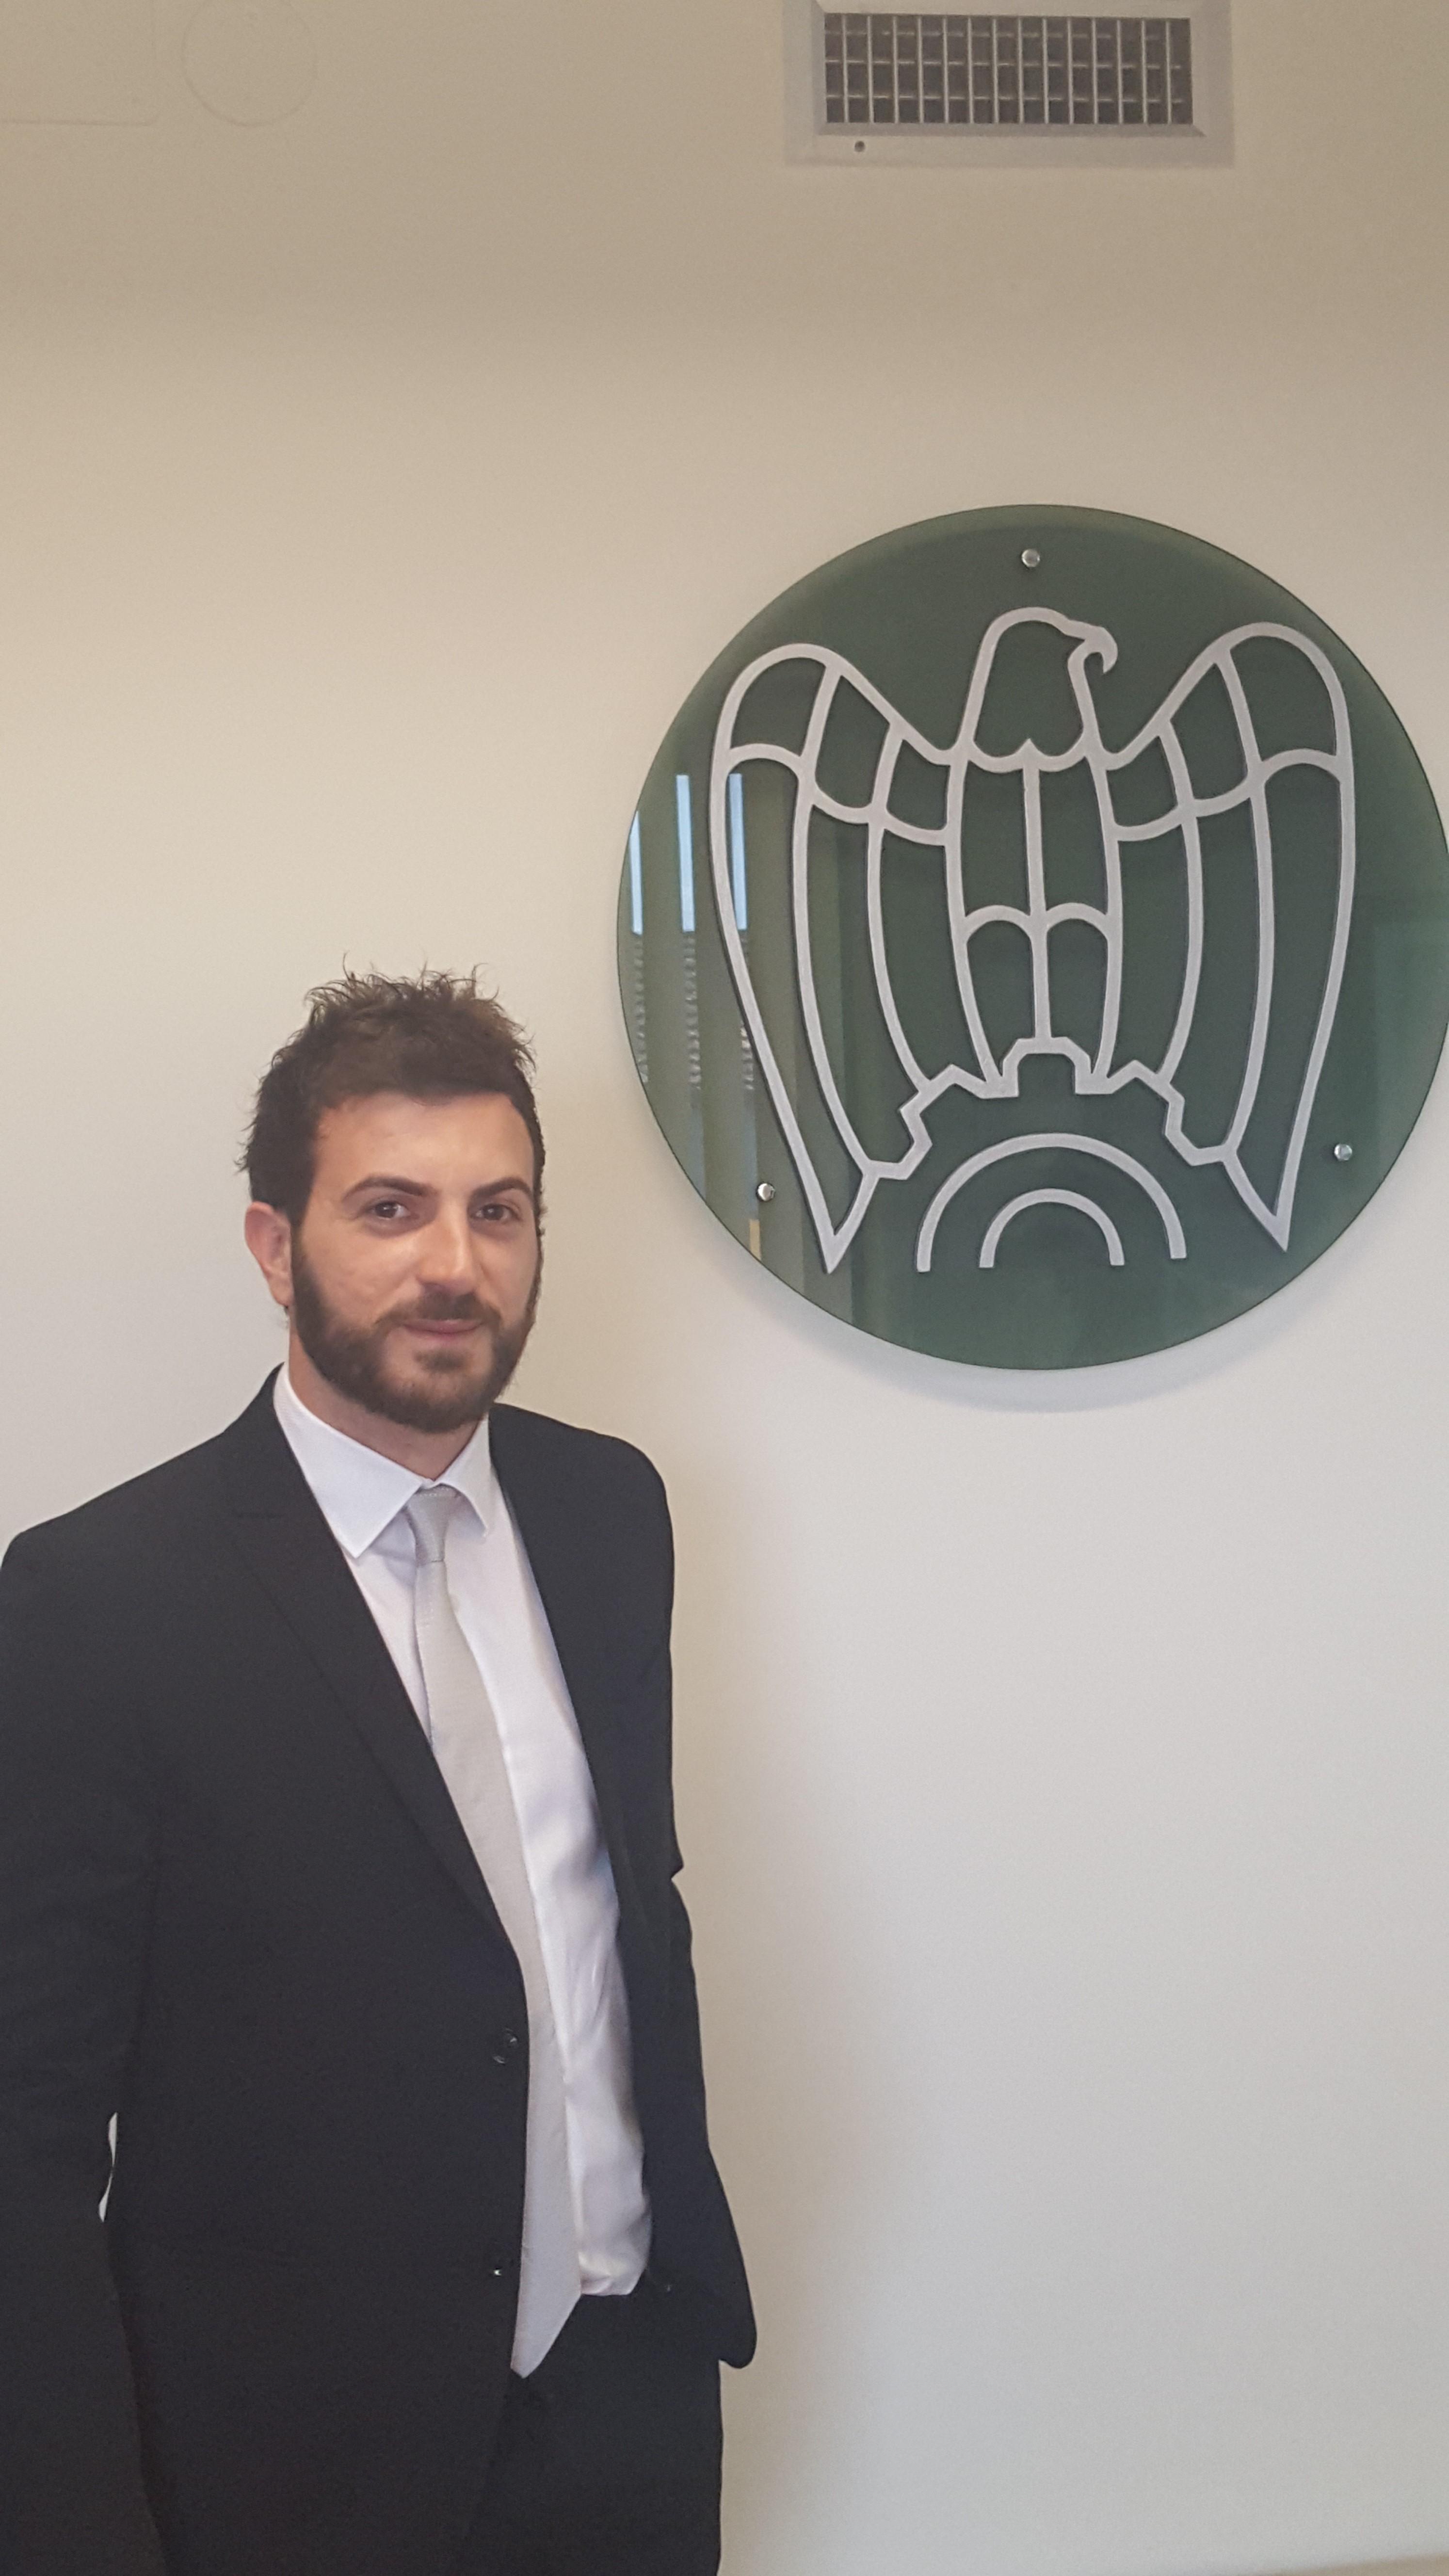 Luigi Izzo al vertice della Sezione Materiali e componenti per l'edilizia di Confindustria Benevento